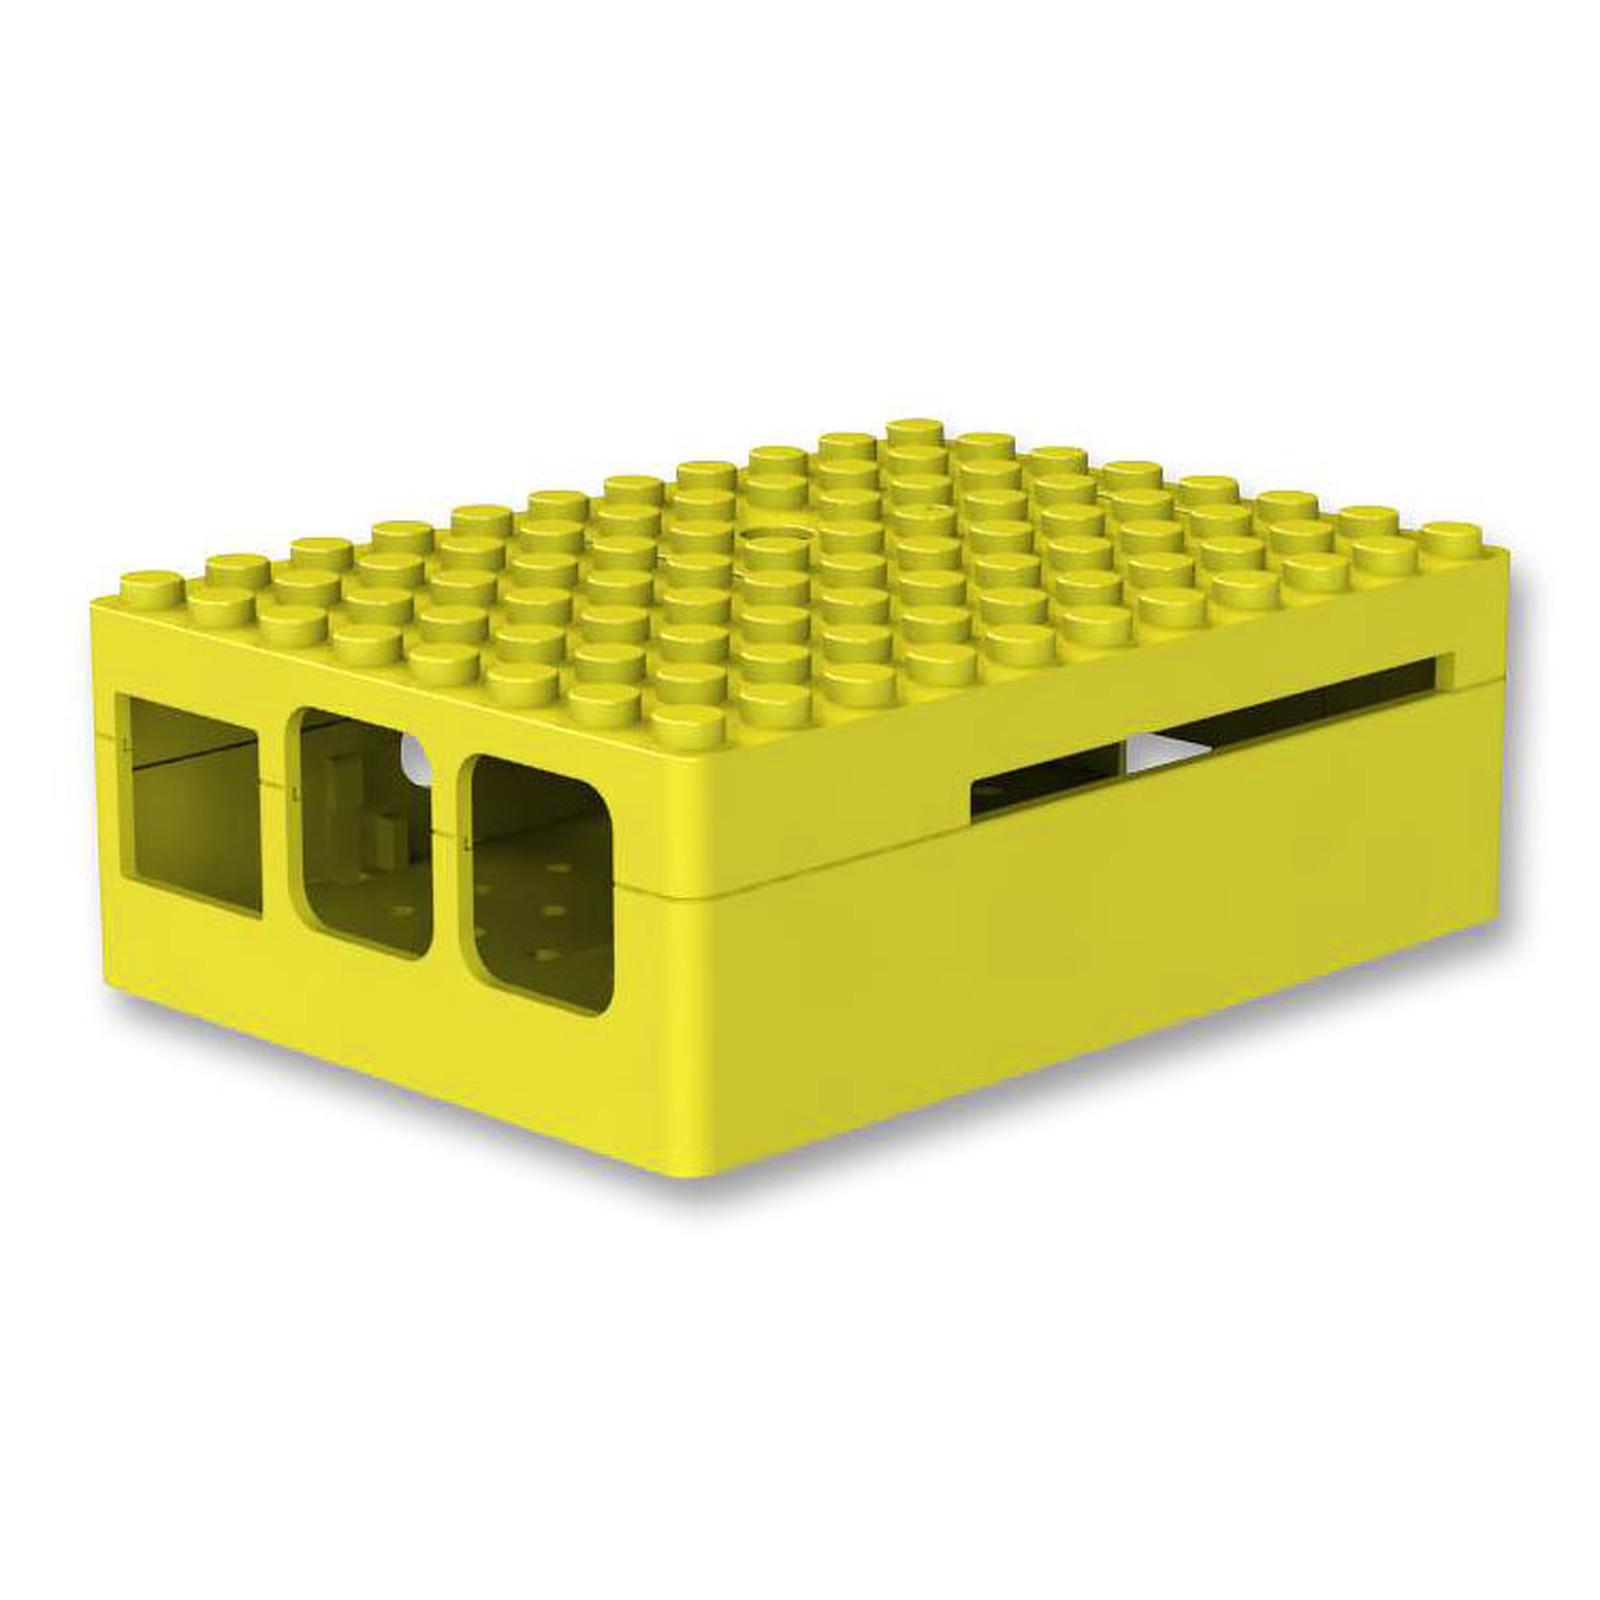 Multicomp Pi-Blox boitier pour Raspberry Pi 1 Model B+ / Pi 2/3 (jaune)